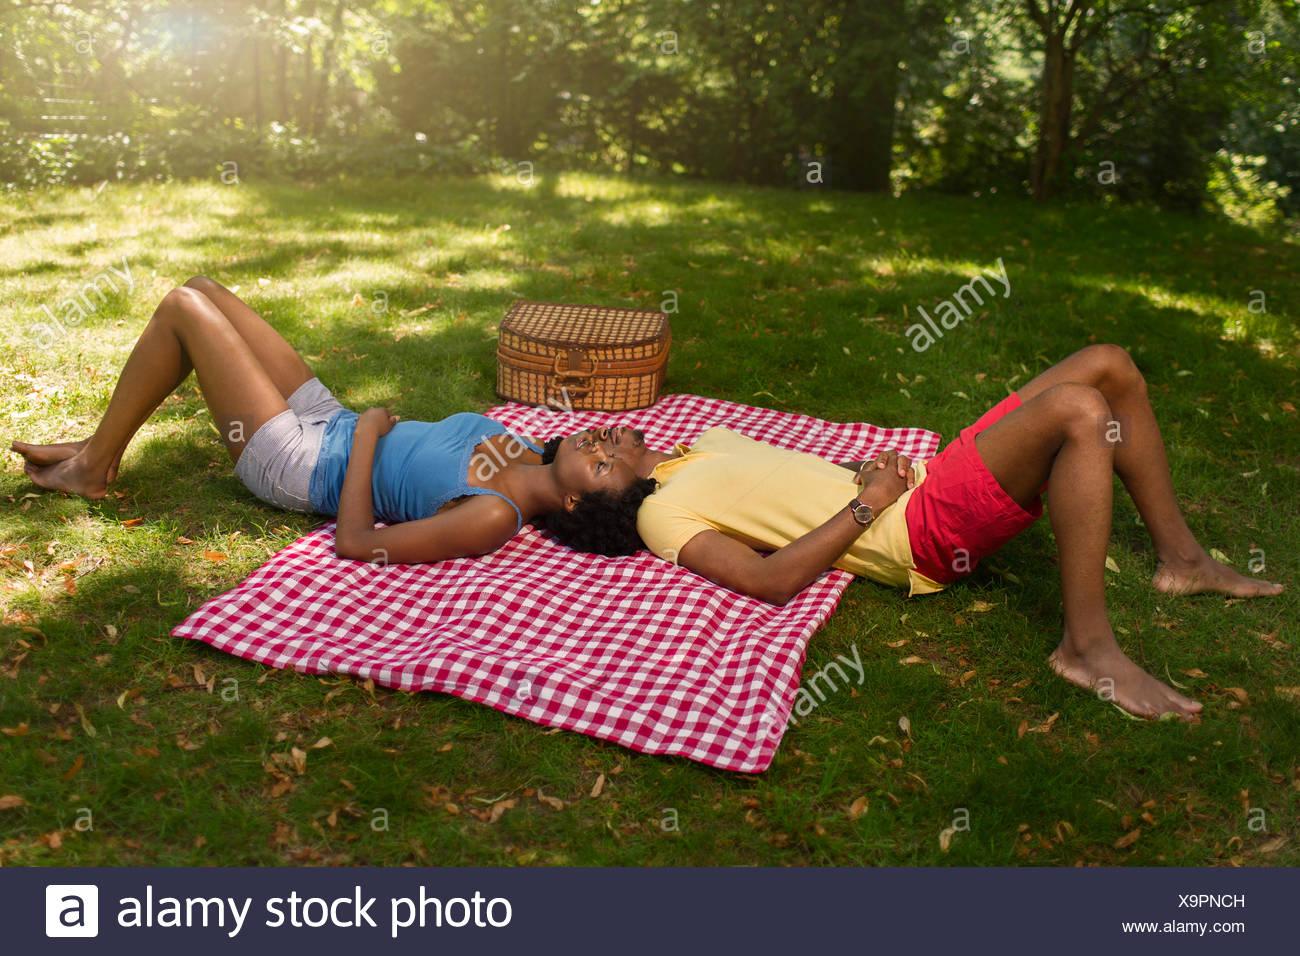 Junges Paar auf der Picknickdecke im Park auf gegenüberliegenden Seiten liegend Stockbild